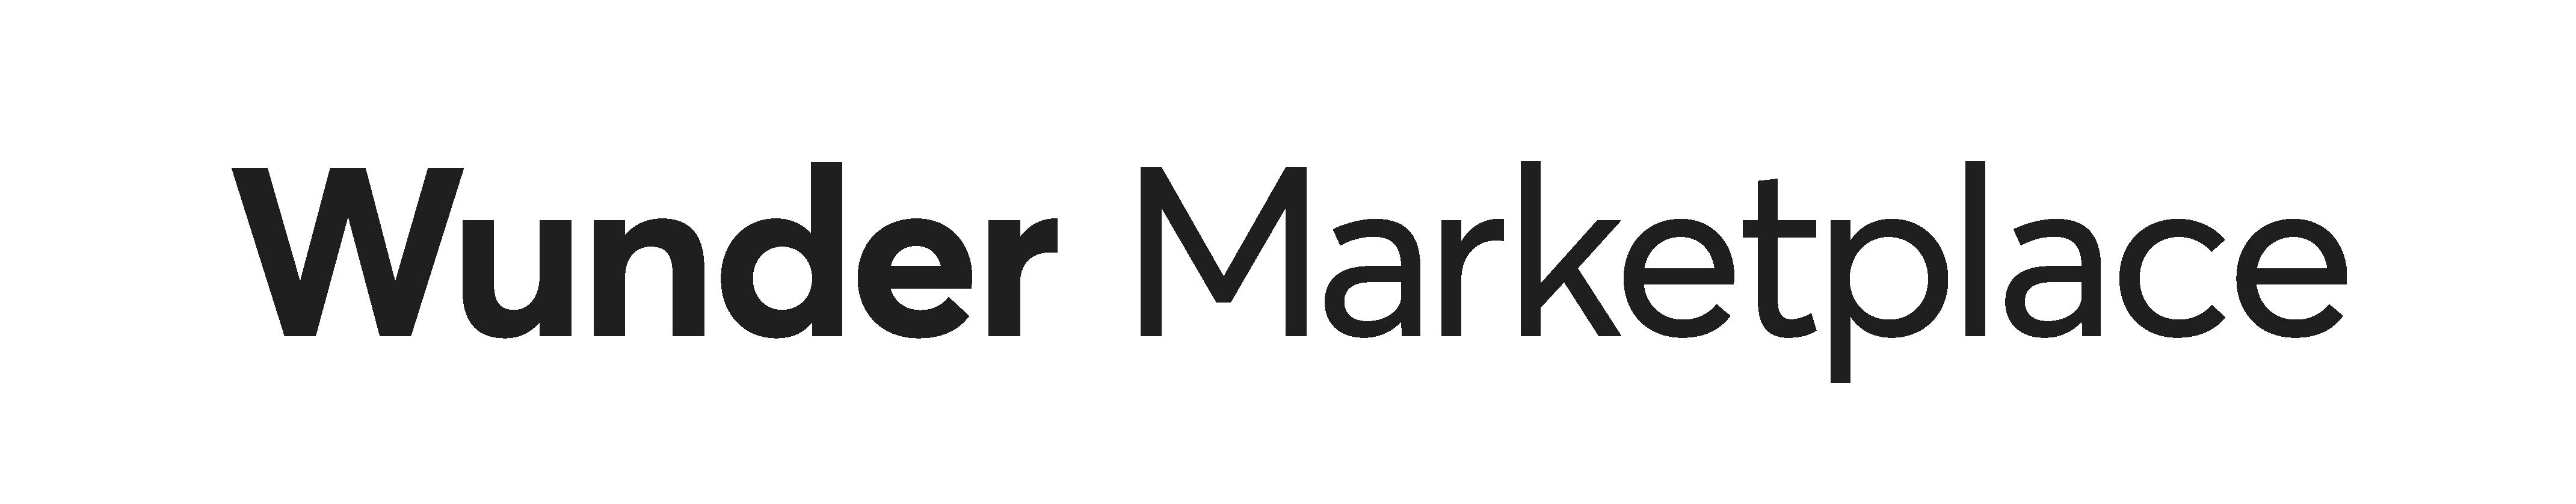 Wunder Marketplace logo